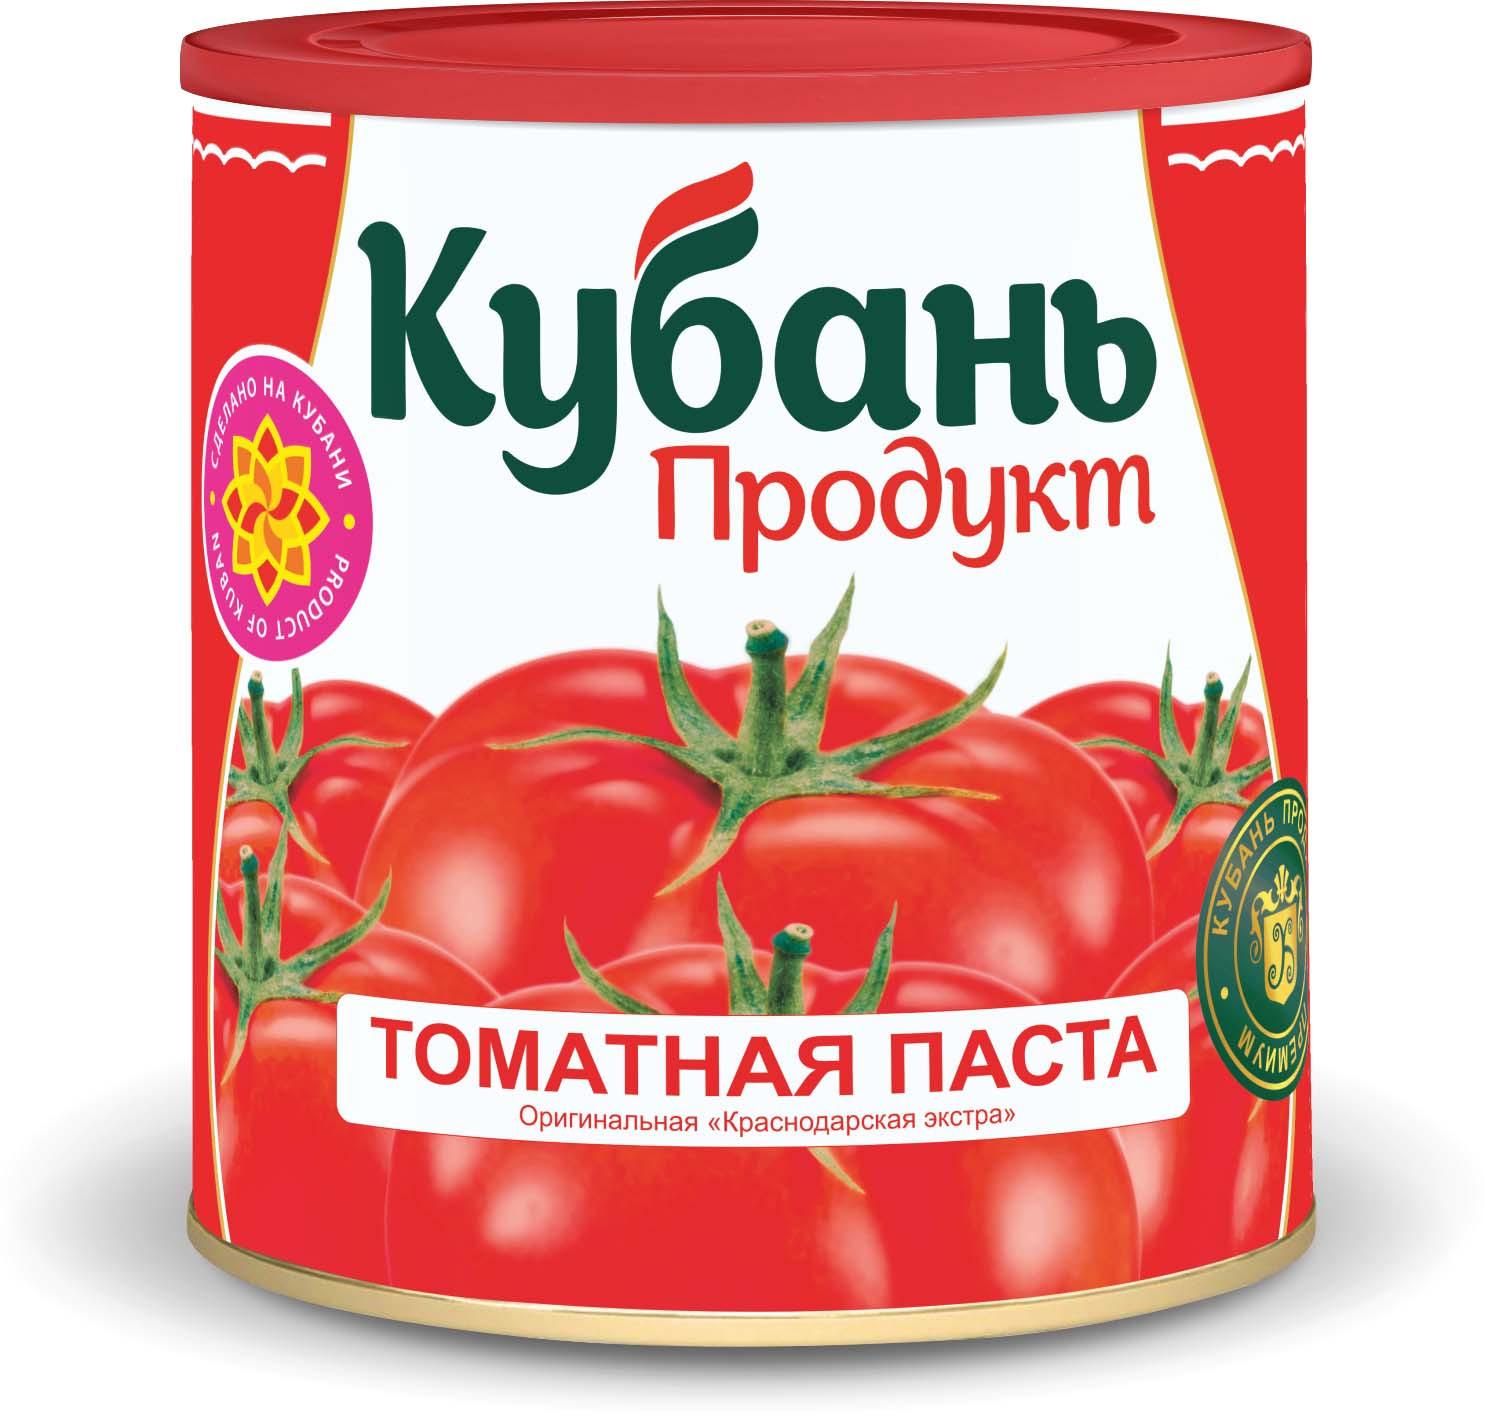 Кубань Продукт паста томатная, 770 г кубань авиабилеты